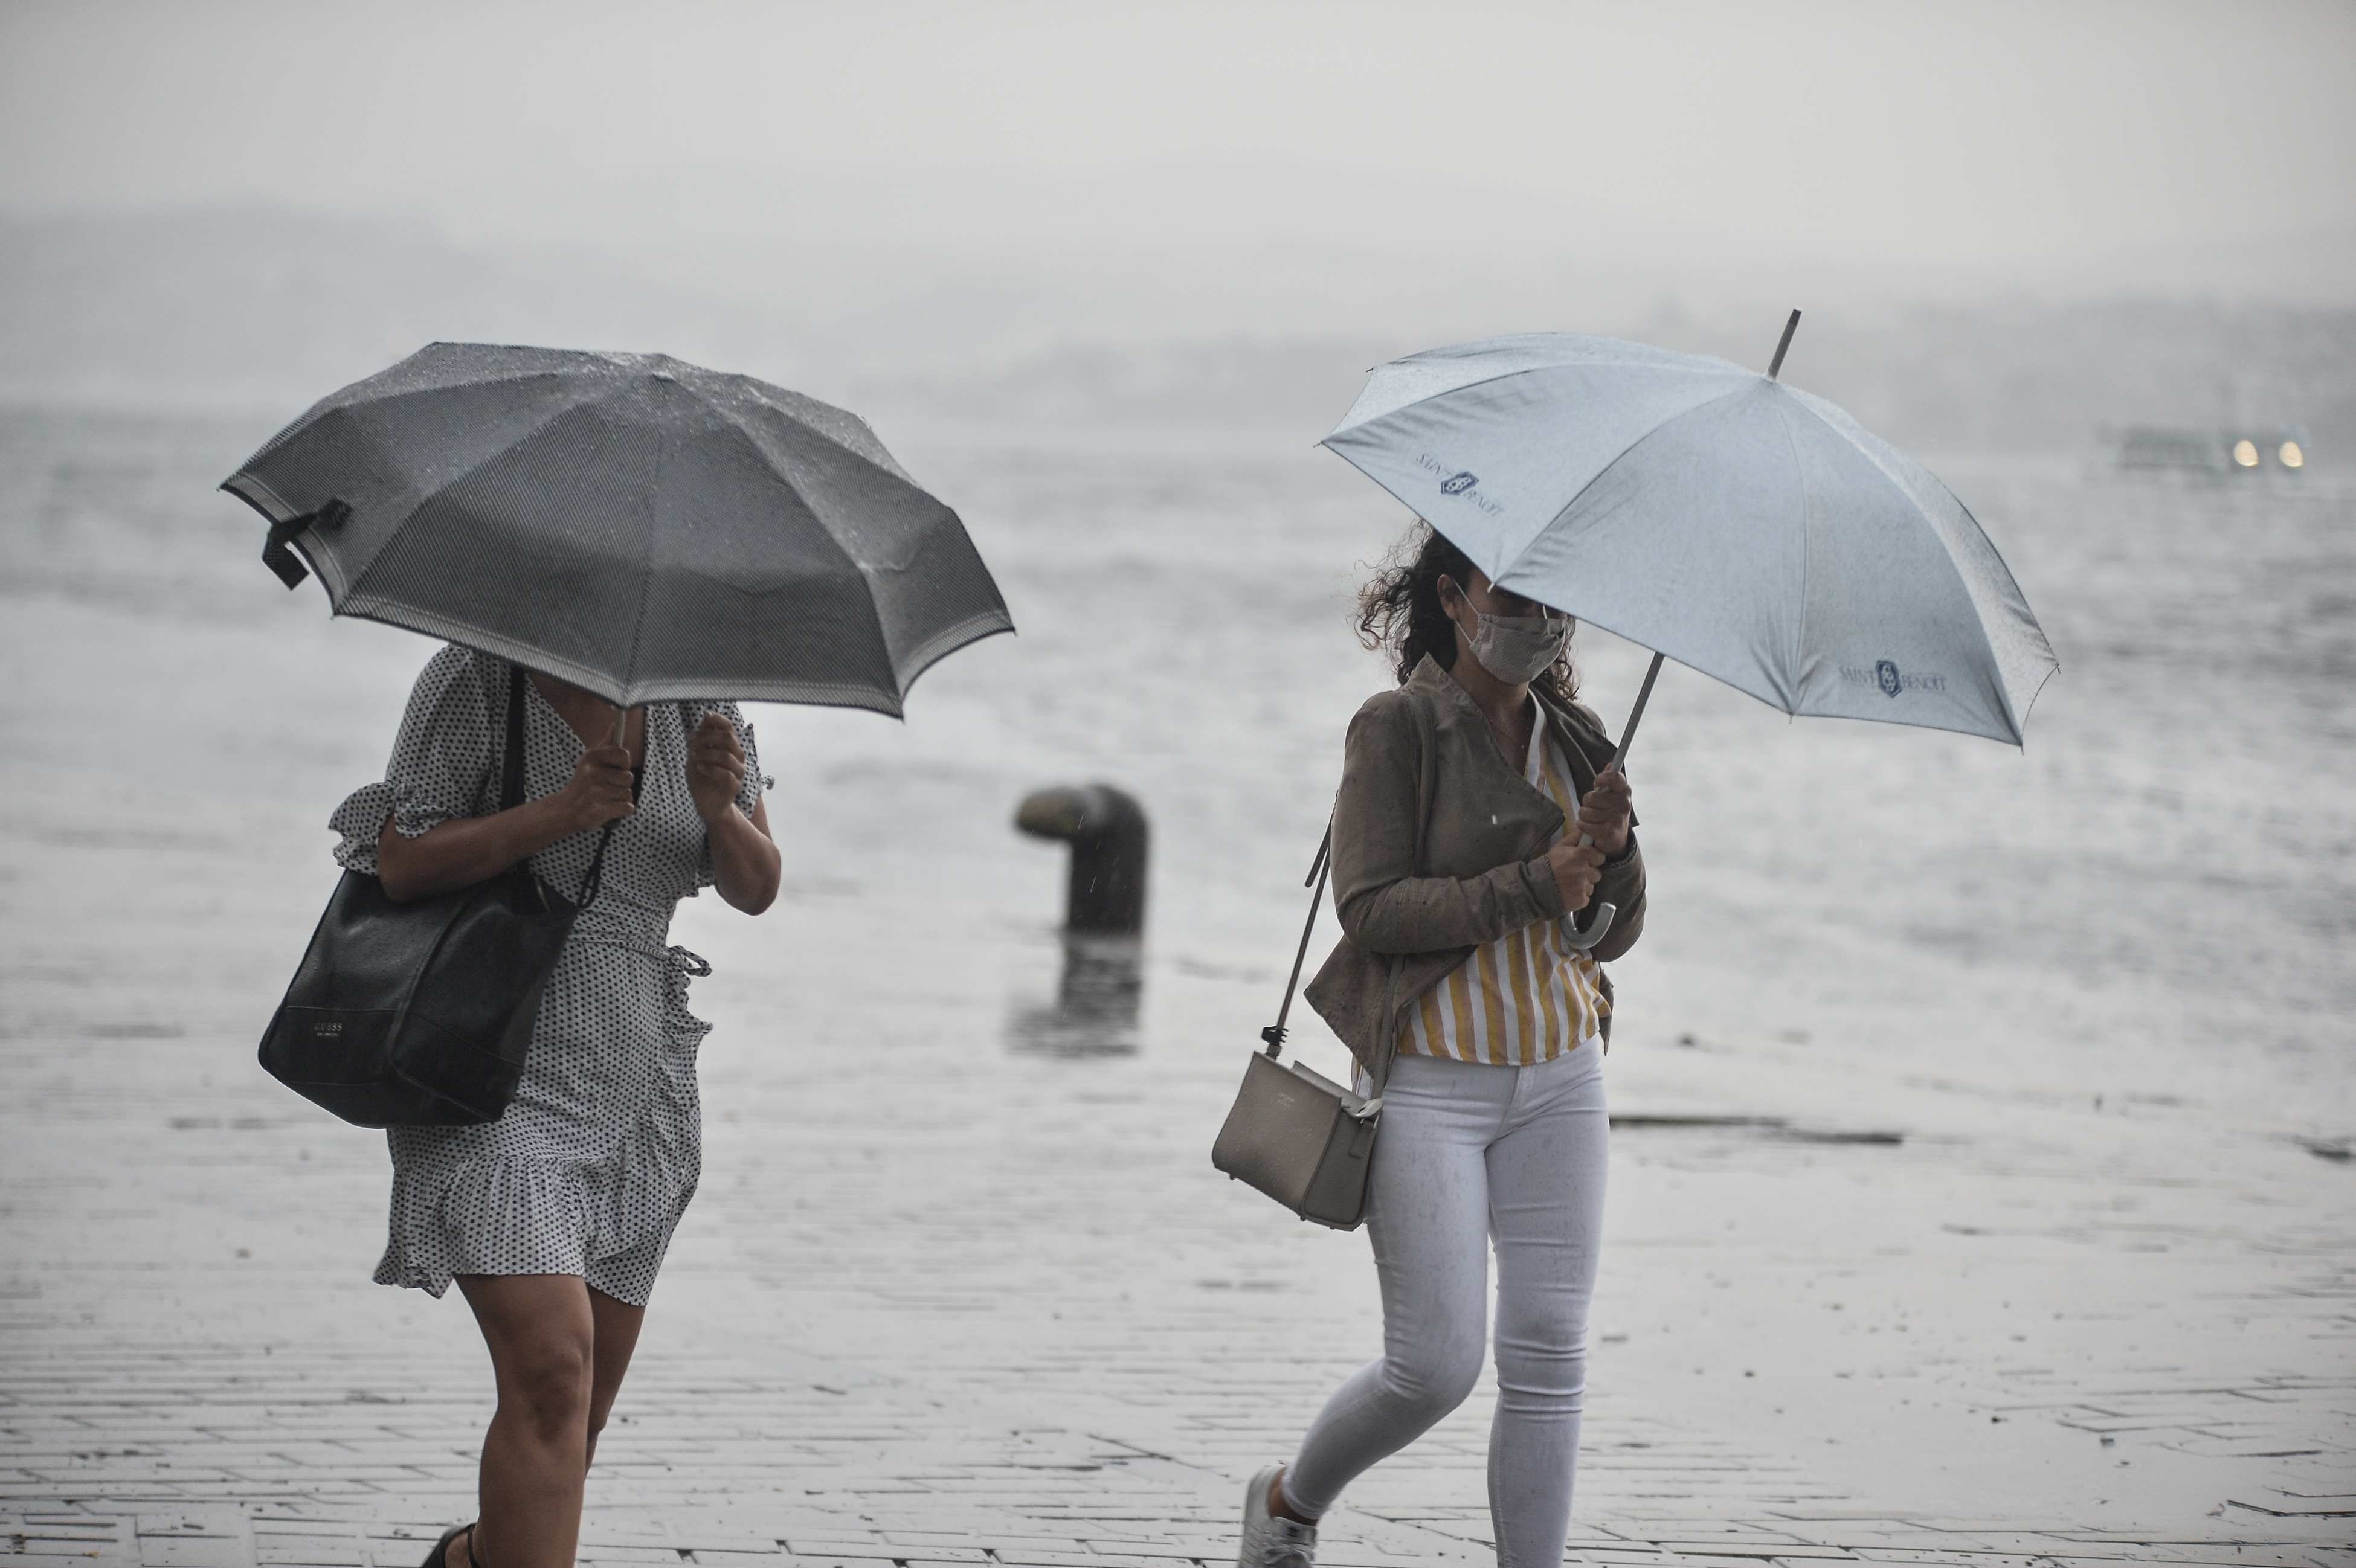 İstanbul'da sağanak yağış etkili oldu